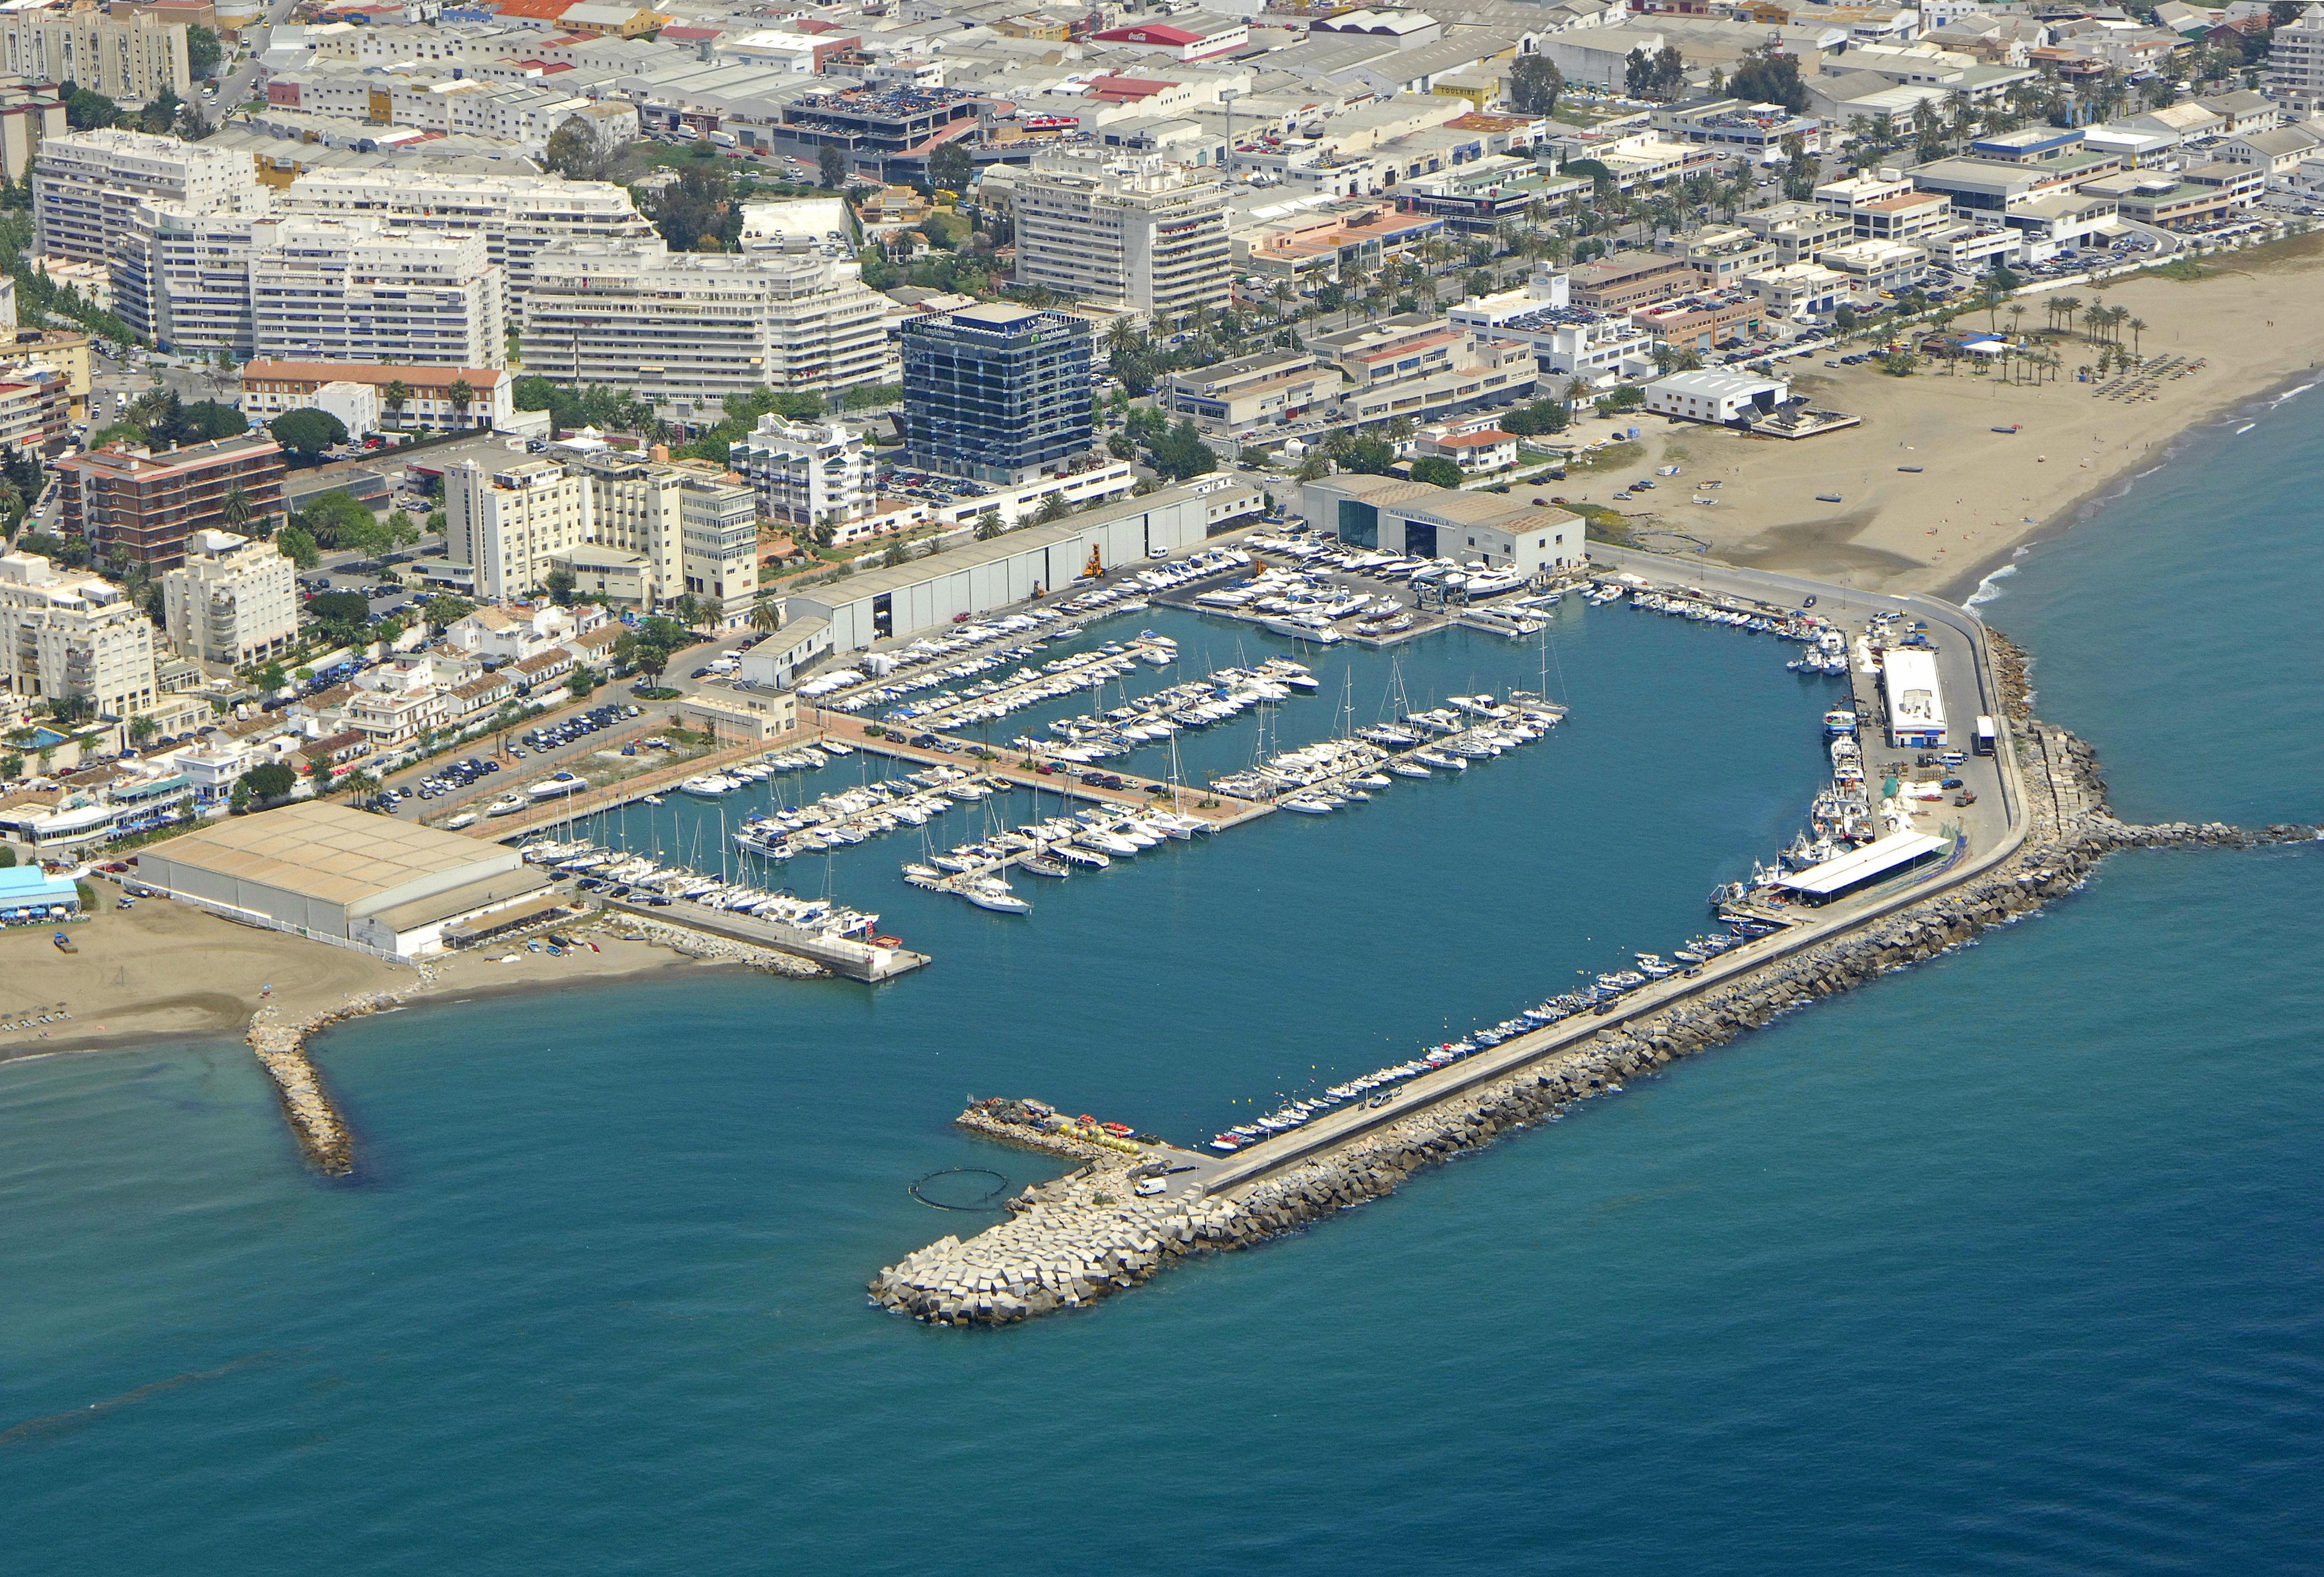 Znalezione obrazy dla zapytania marina marbella spain